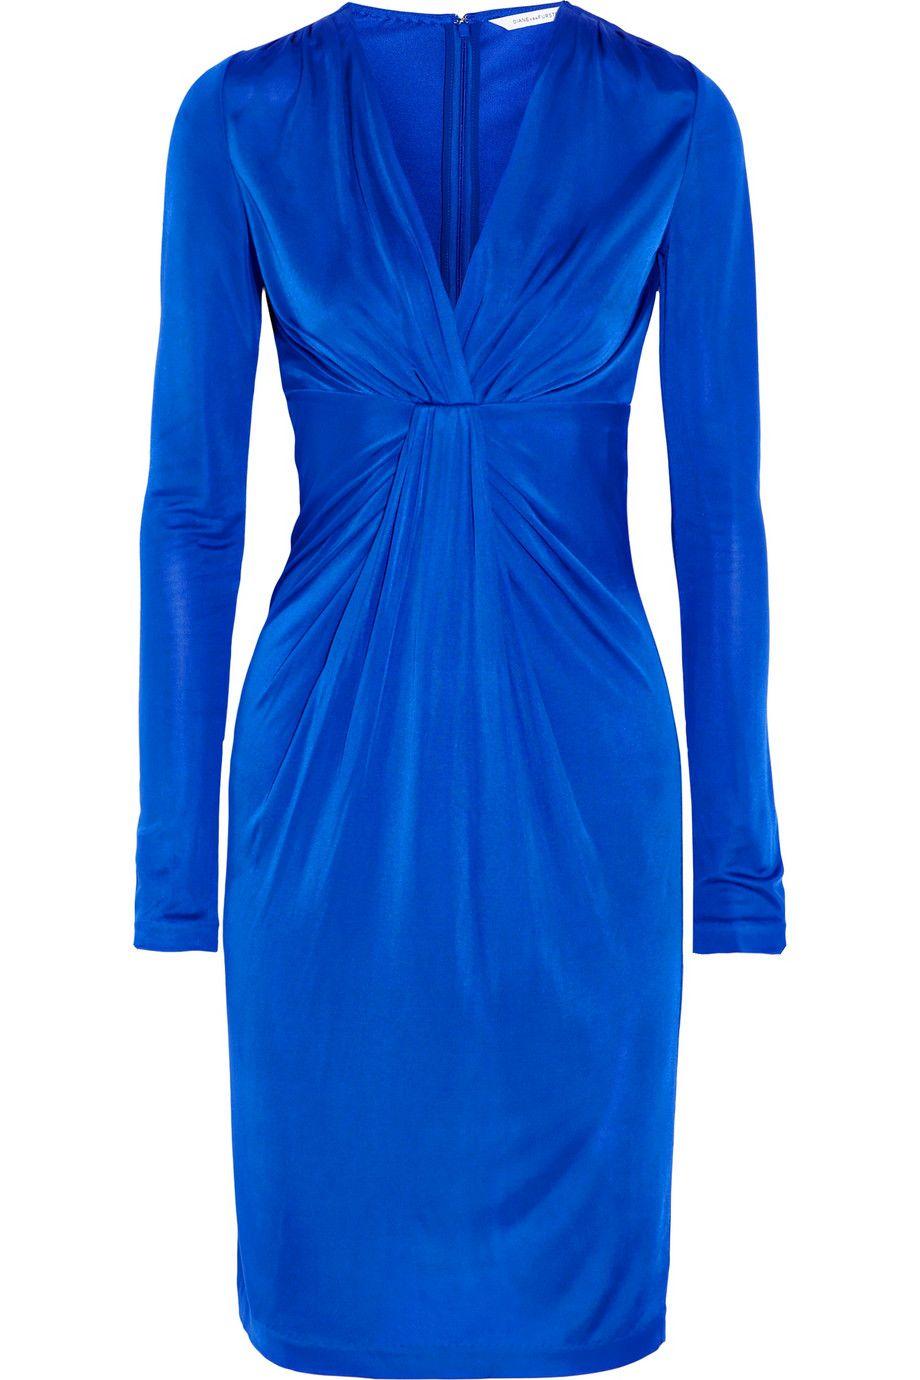 DIANE VON FURSTENBERG Wrap-Effect Satin-Jersey Dress. #dianevonfurstenberg #cloth #dress